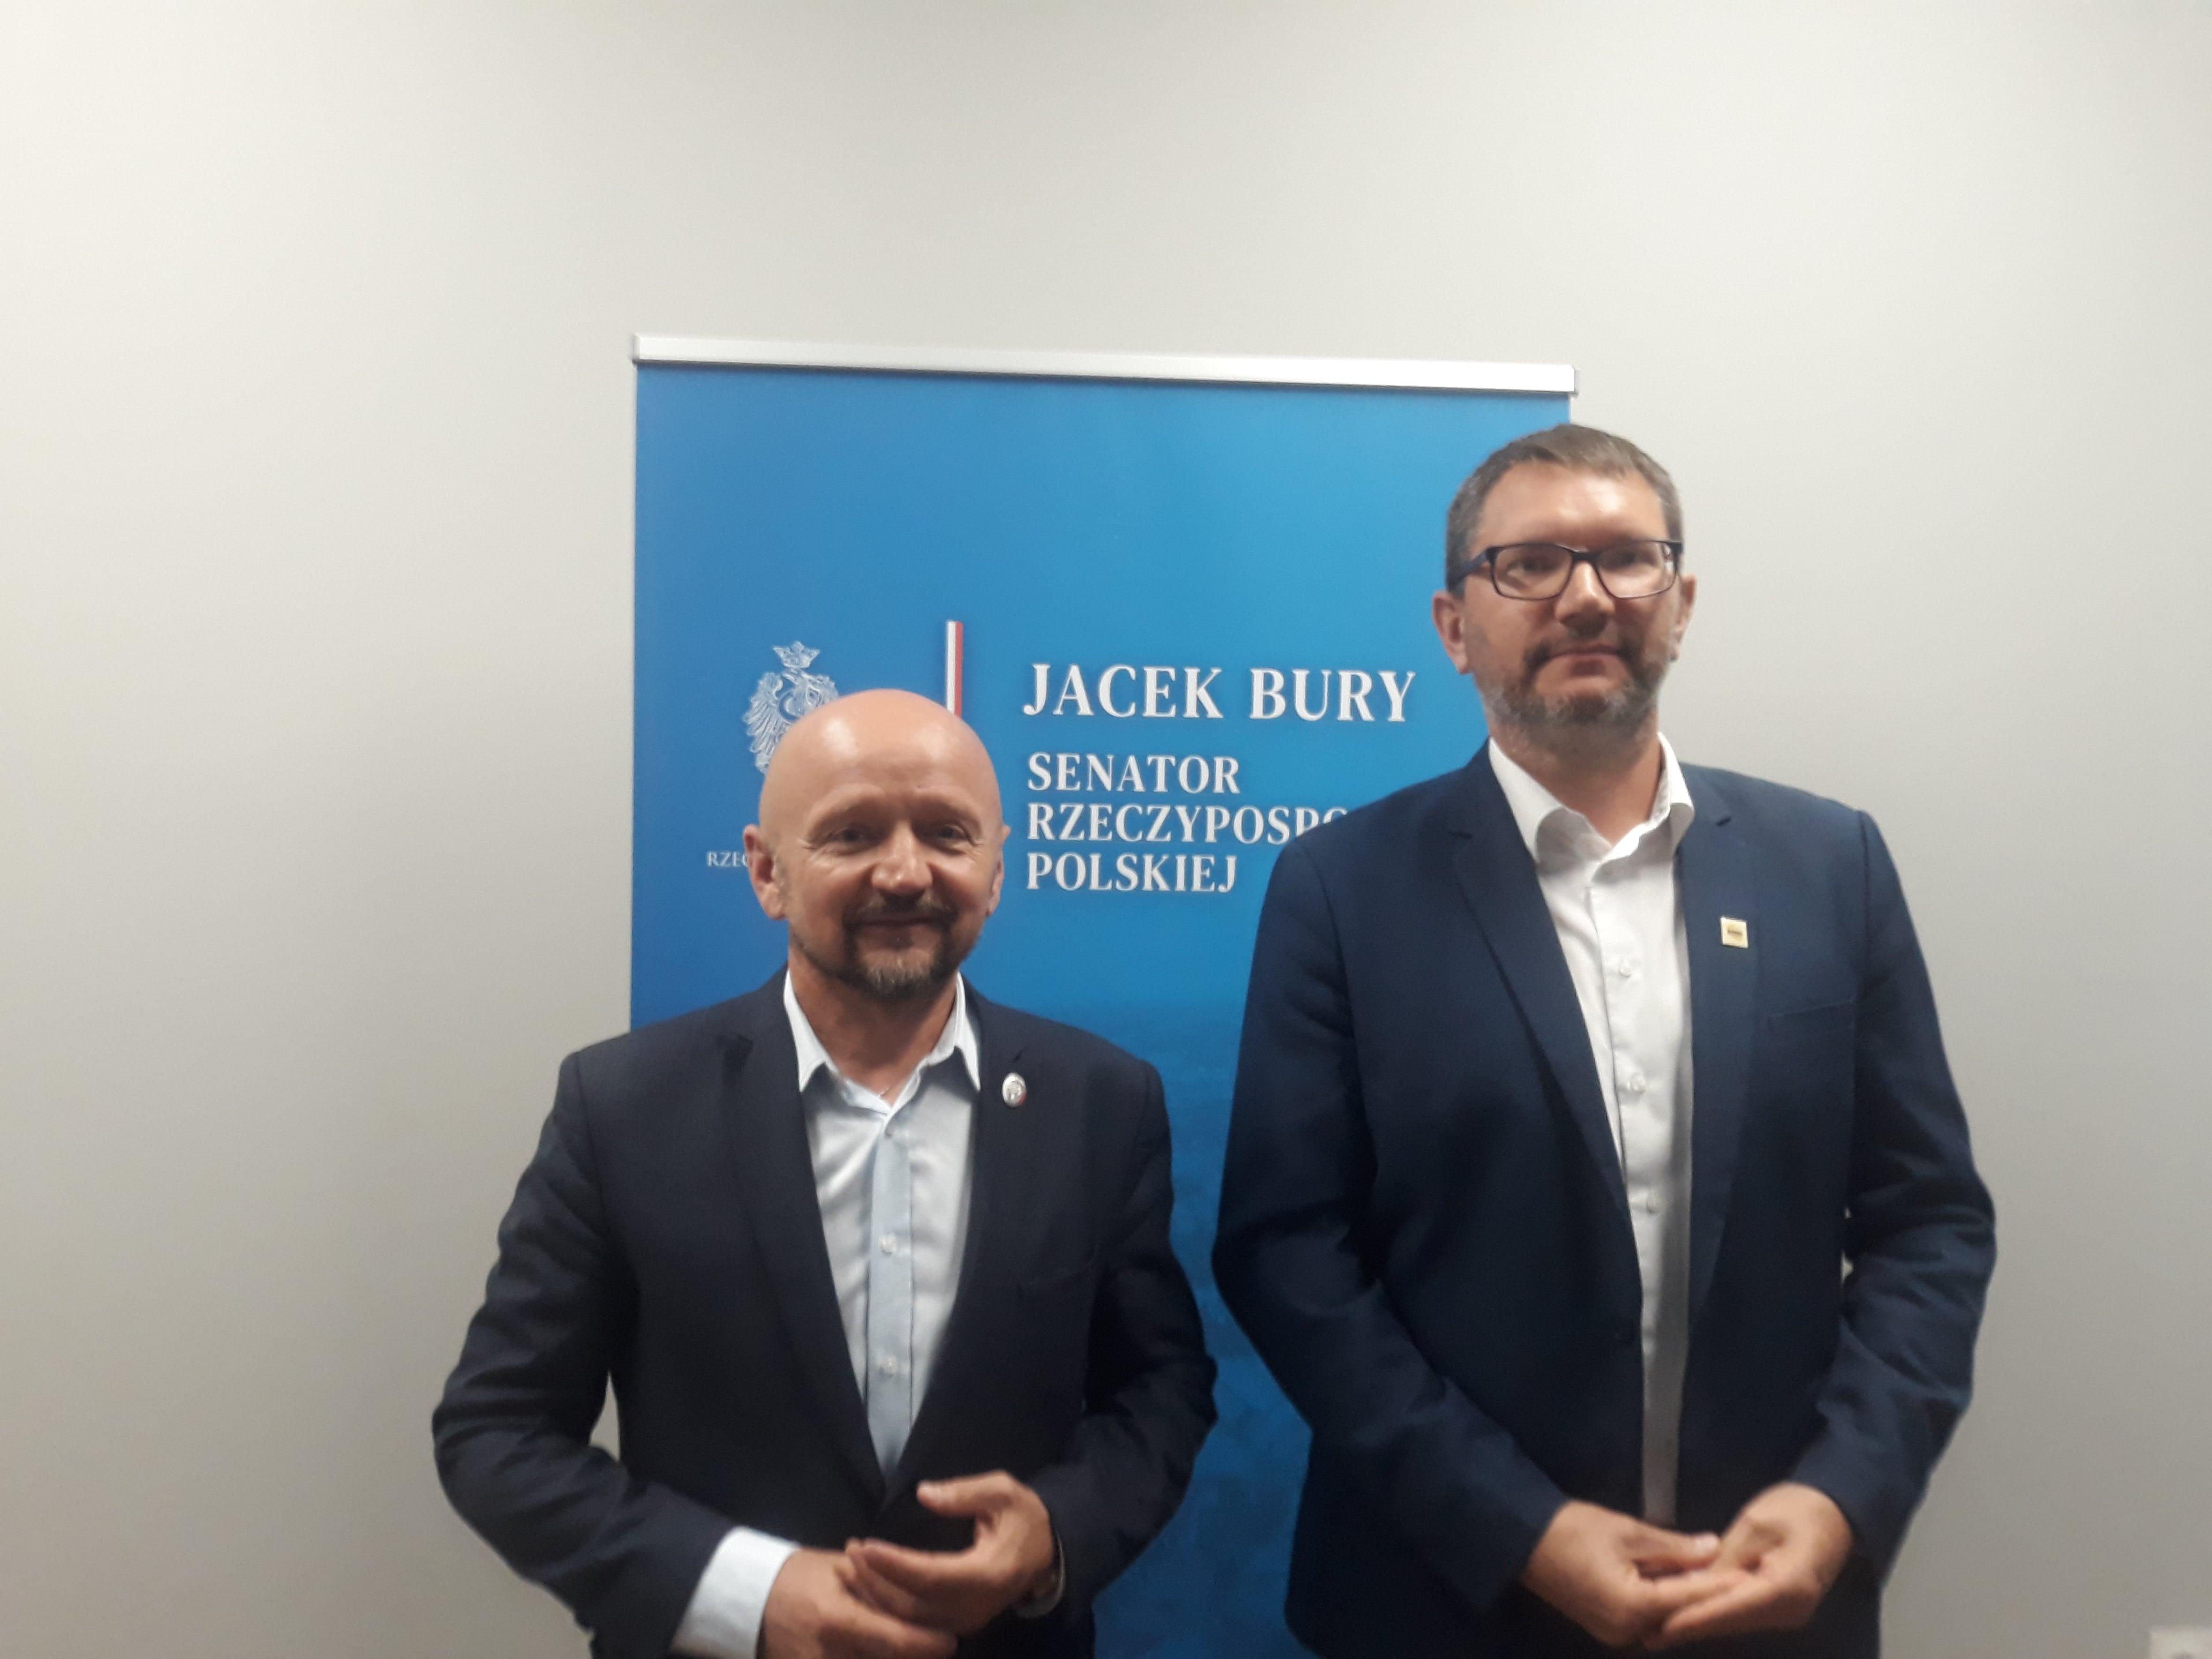 """Województwo lubelskie: Sejmik wycofa się z uchwały """"anty LGBT""""? Senator Bury: Można uchylić tę bardzo szkodliwą uchwałę [WIDEO] - Zdjęcie główne"""